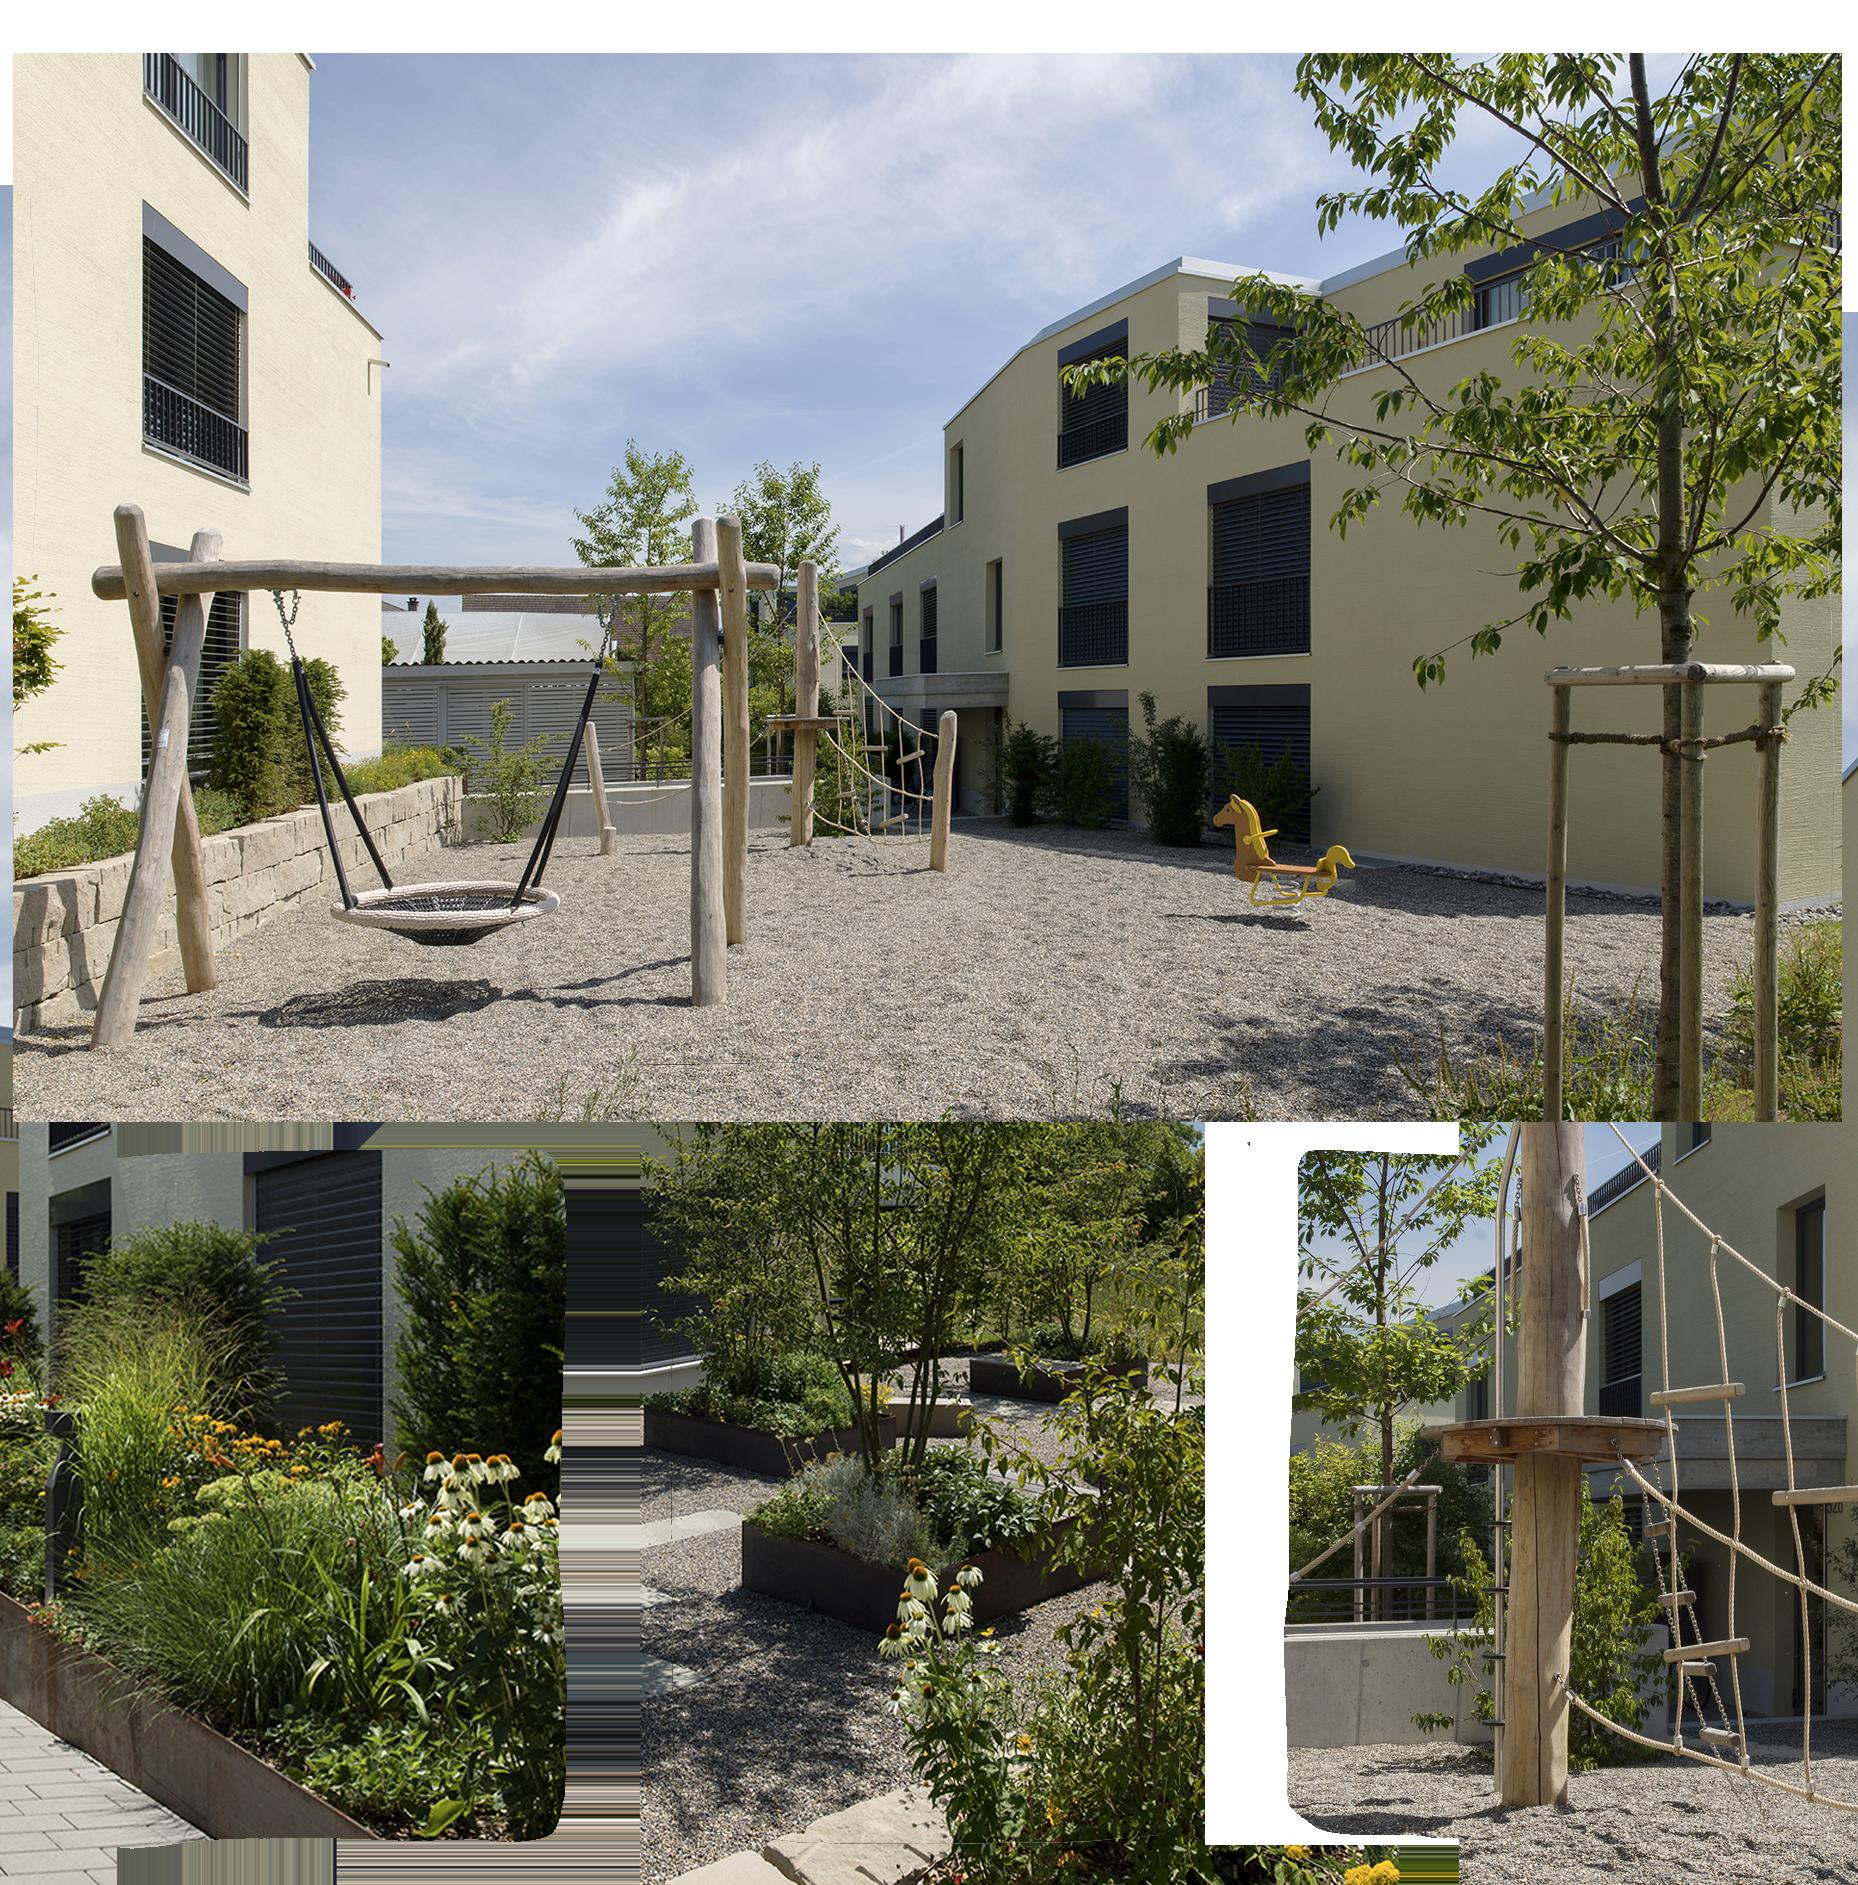 Spielplatz-Schmittenbach_0